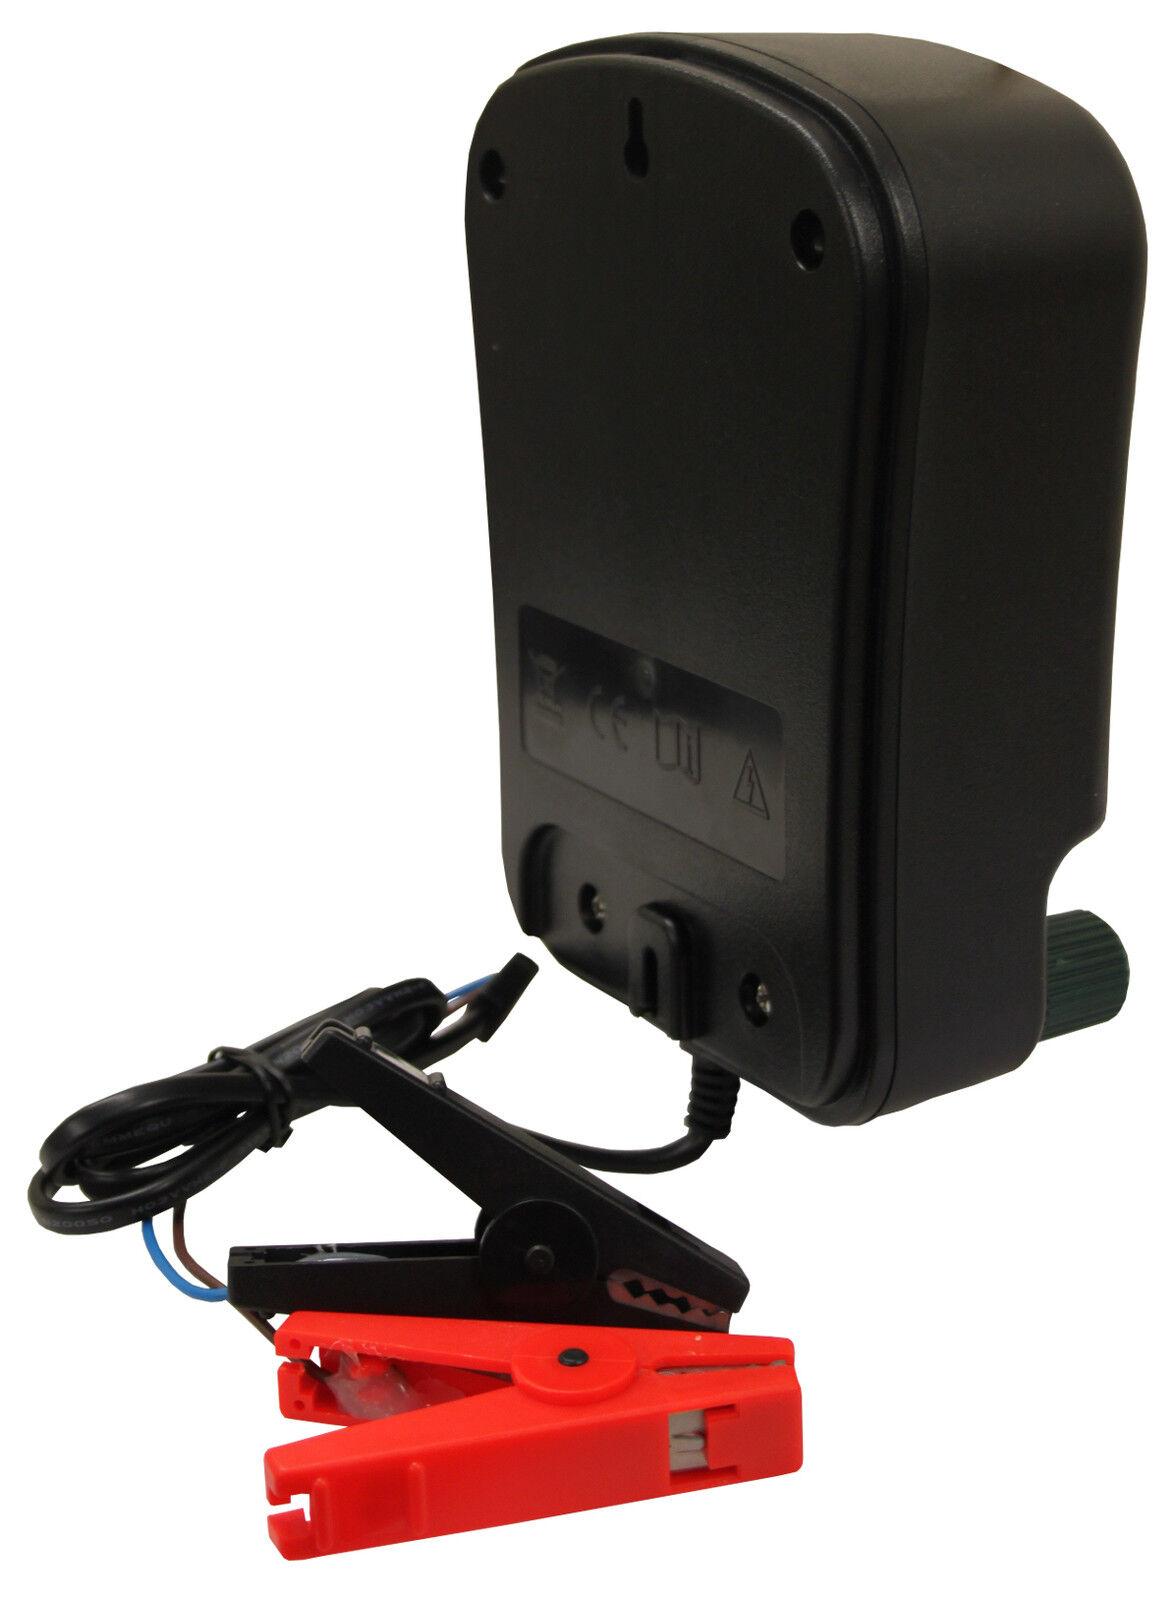 Electric Fence 12v Energiser Shockrite Srb120 1 2j 3